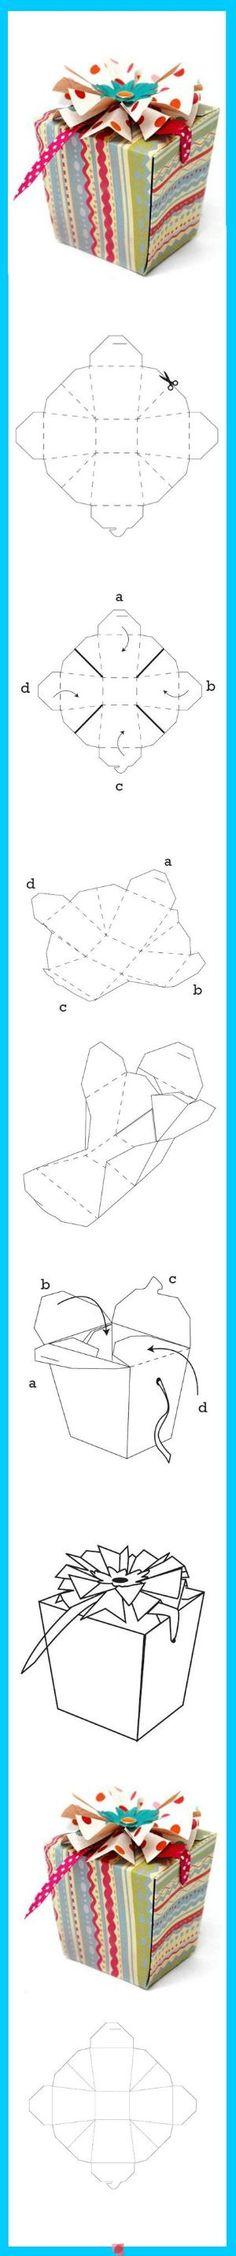 Box templates by elizadlynn